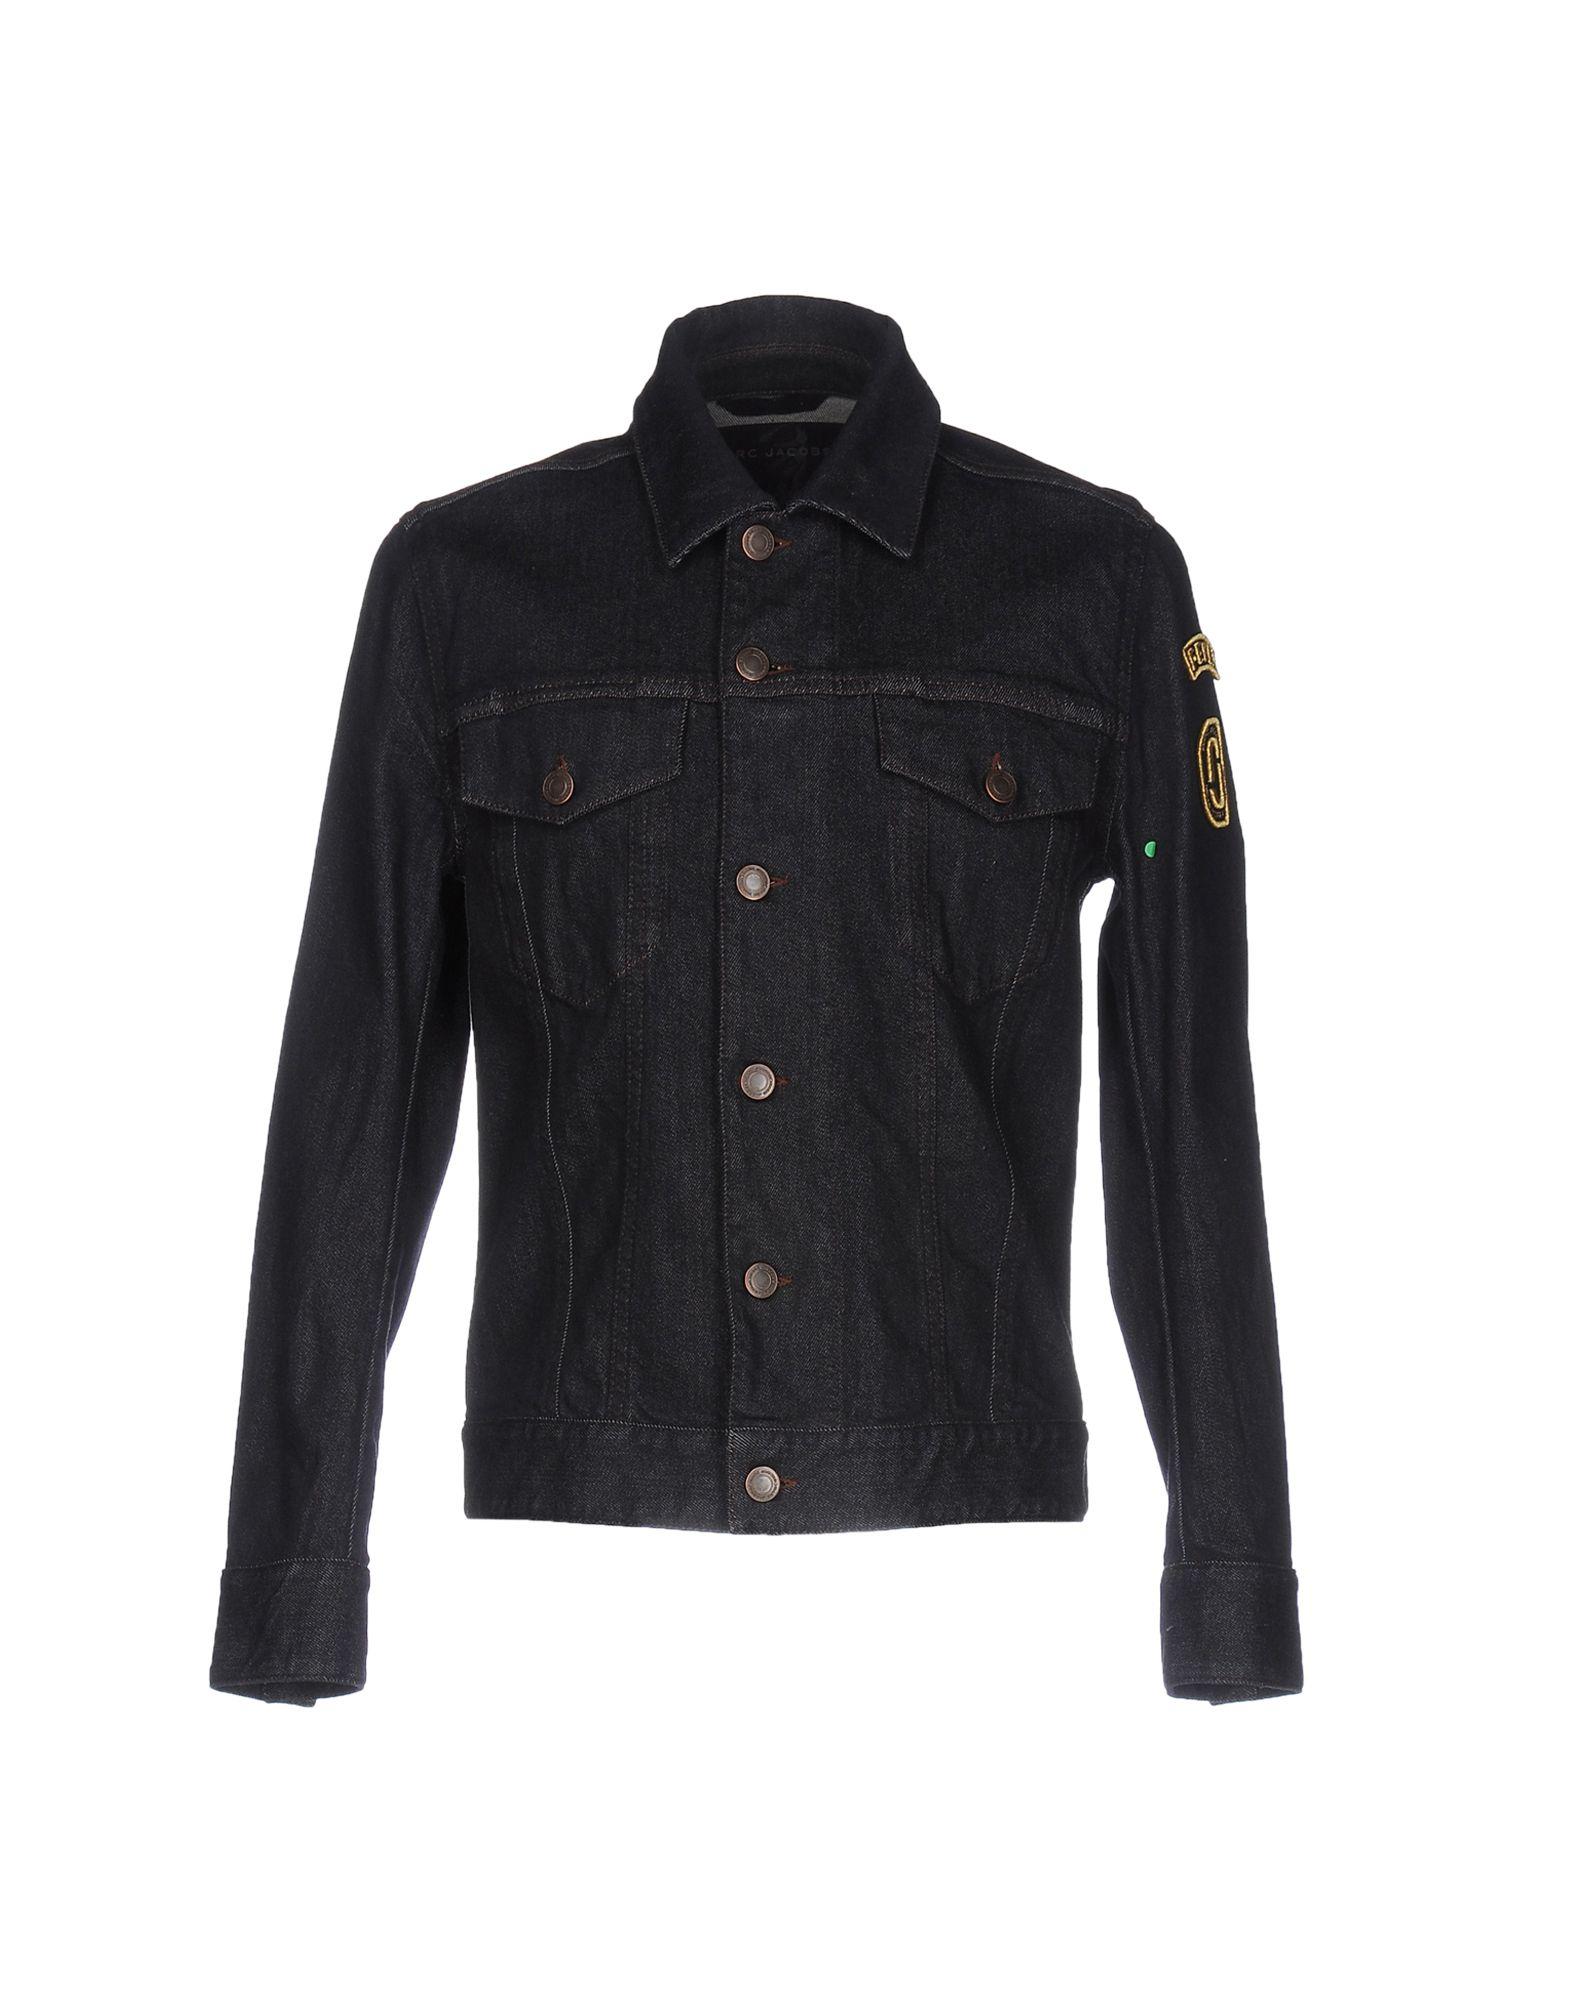 Men's Denim Outerwear   Men's Jeans & Jackets   YOOX